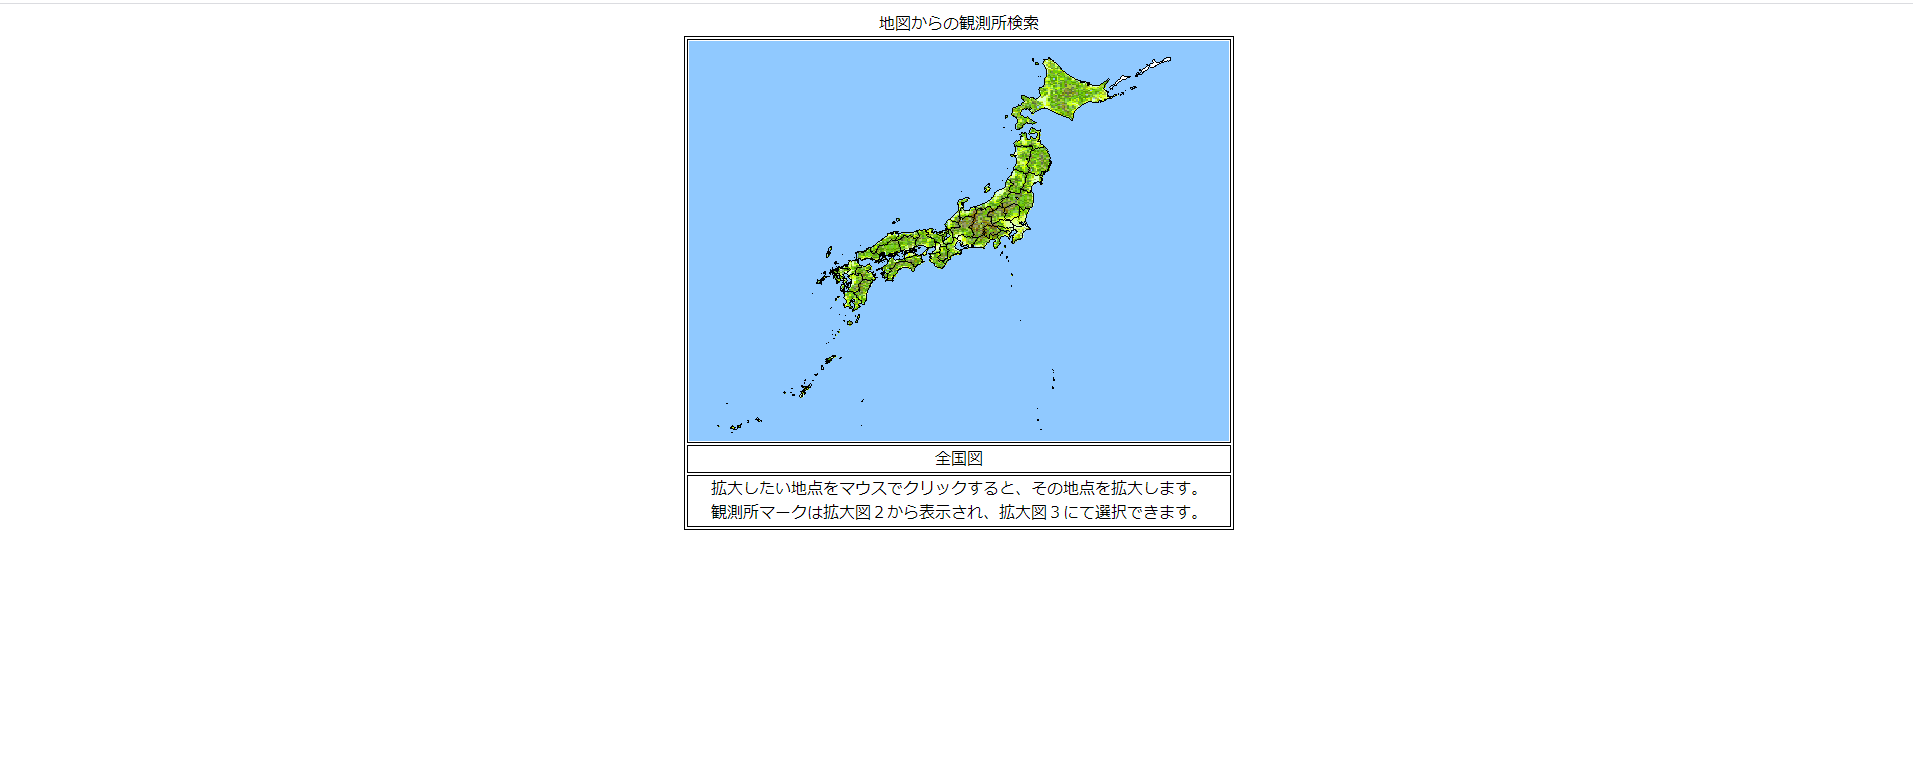 データベース 国土 水文 水質 交通 省 水文水質データベース(水位)